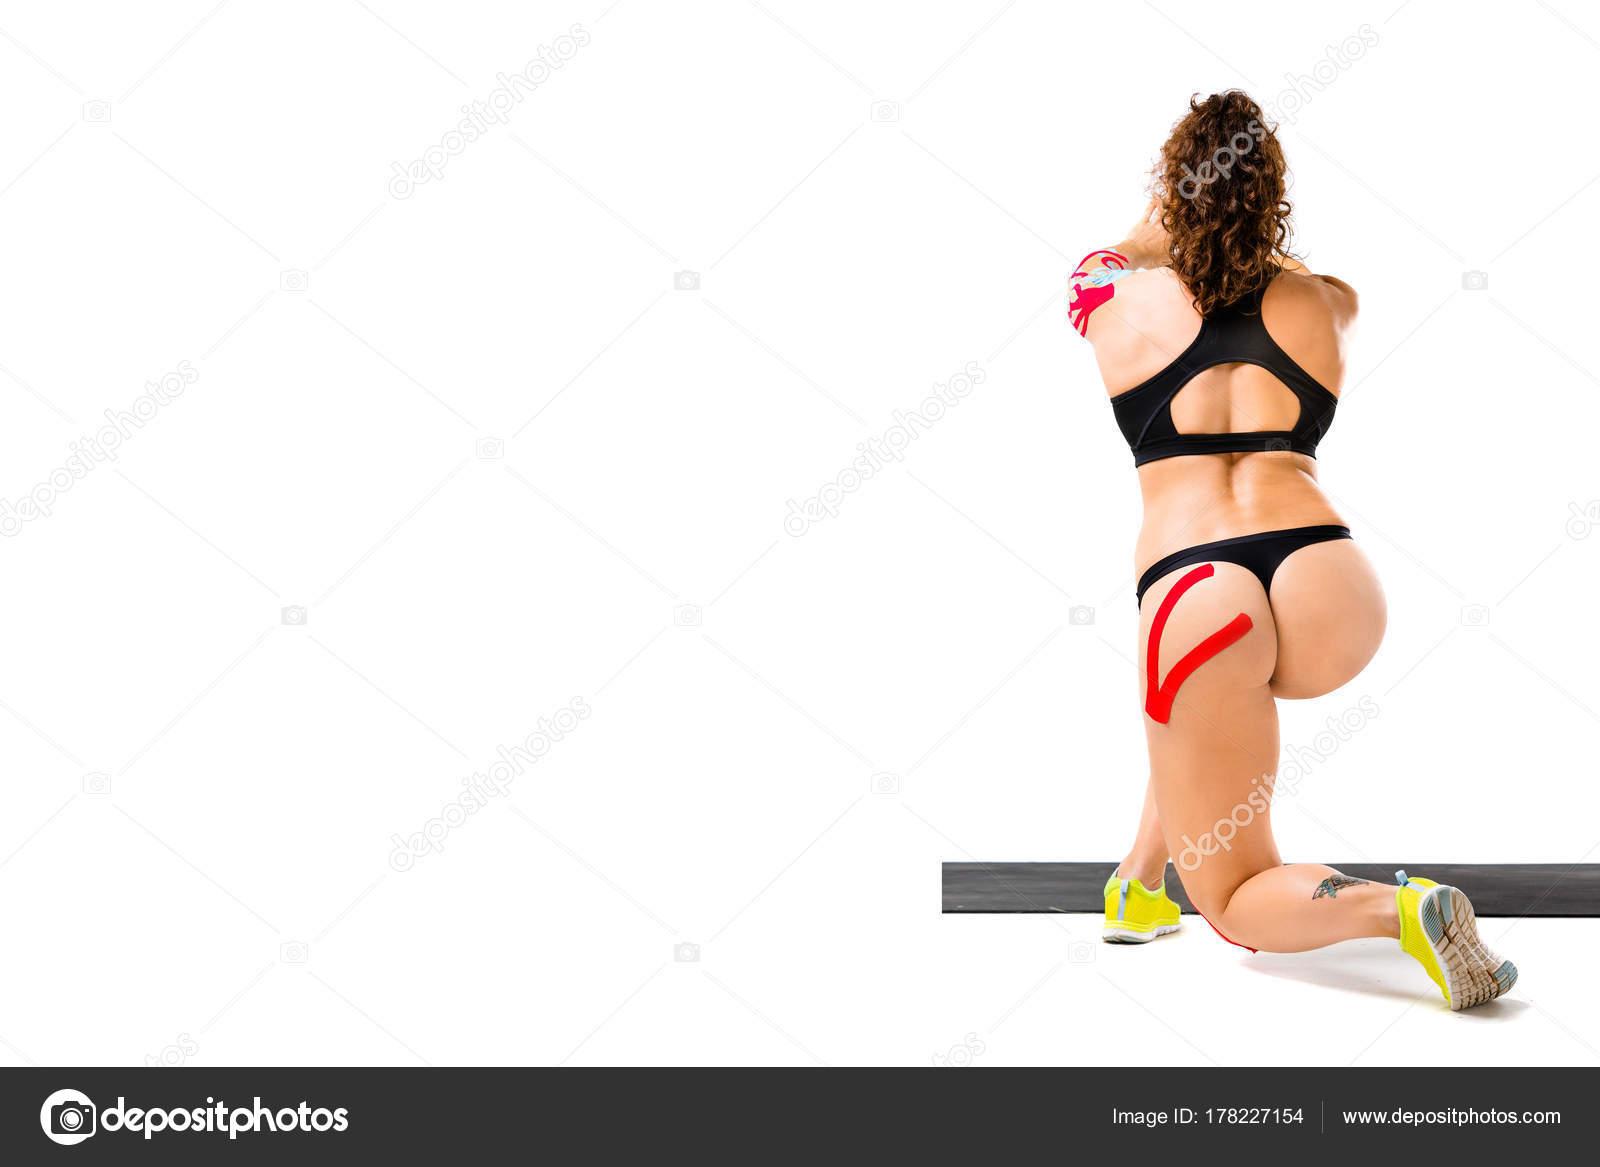 Schöne Arschloch Bilder